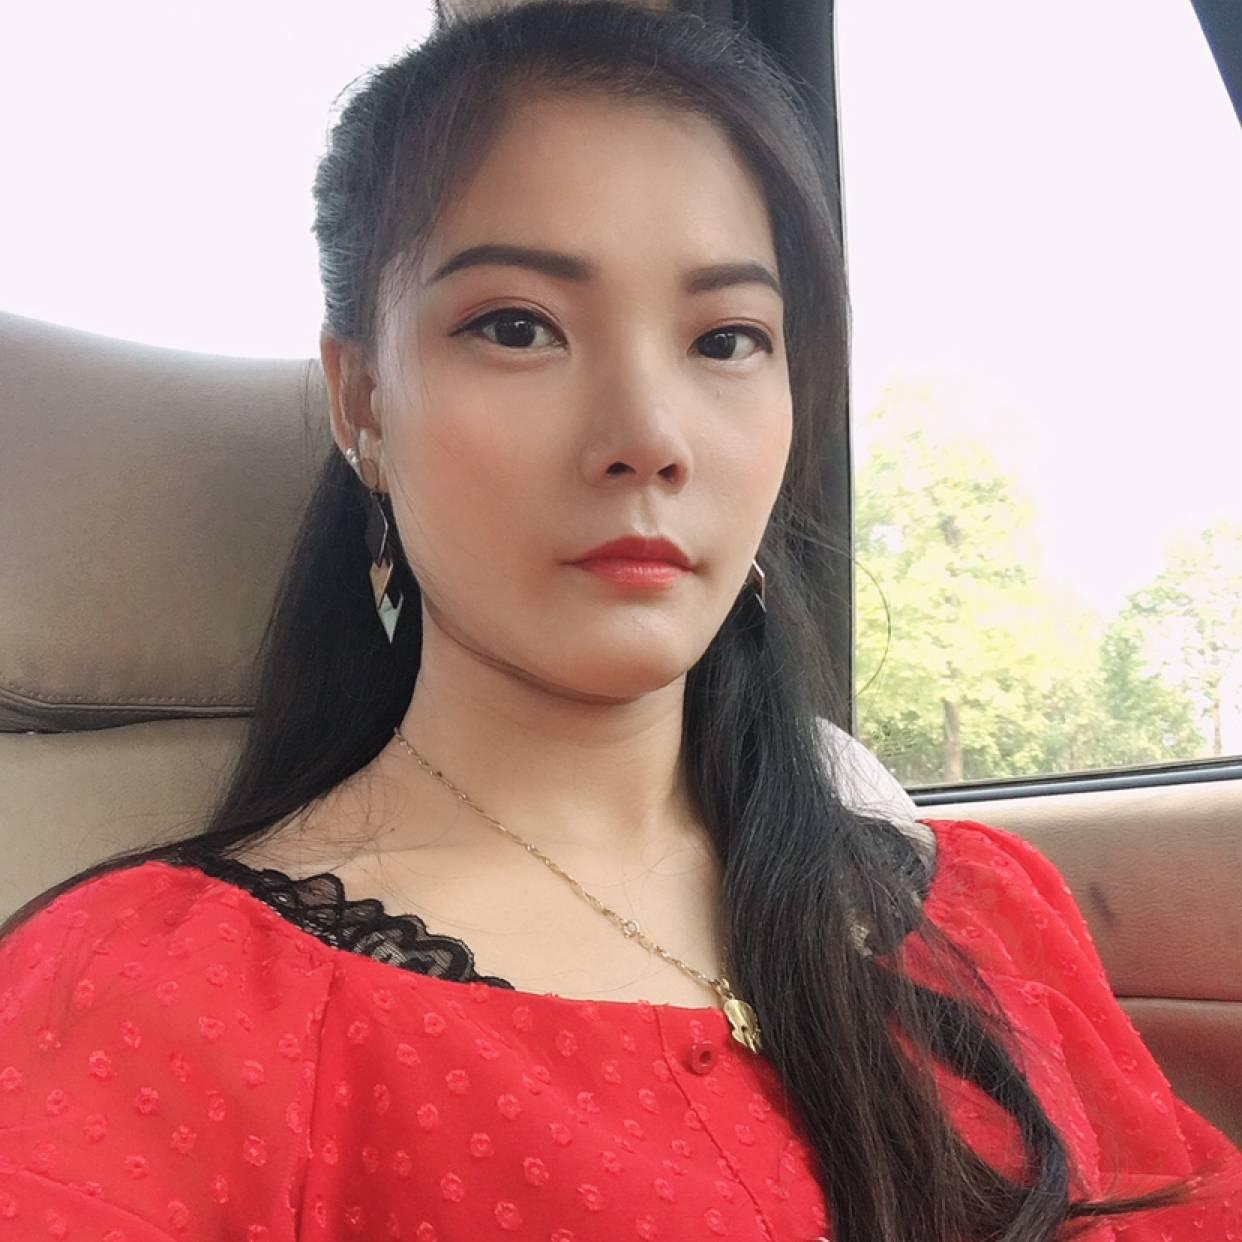 尹妞的照片